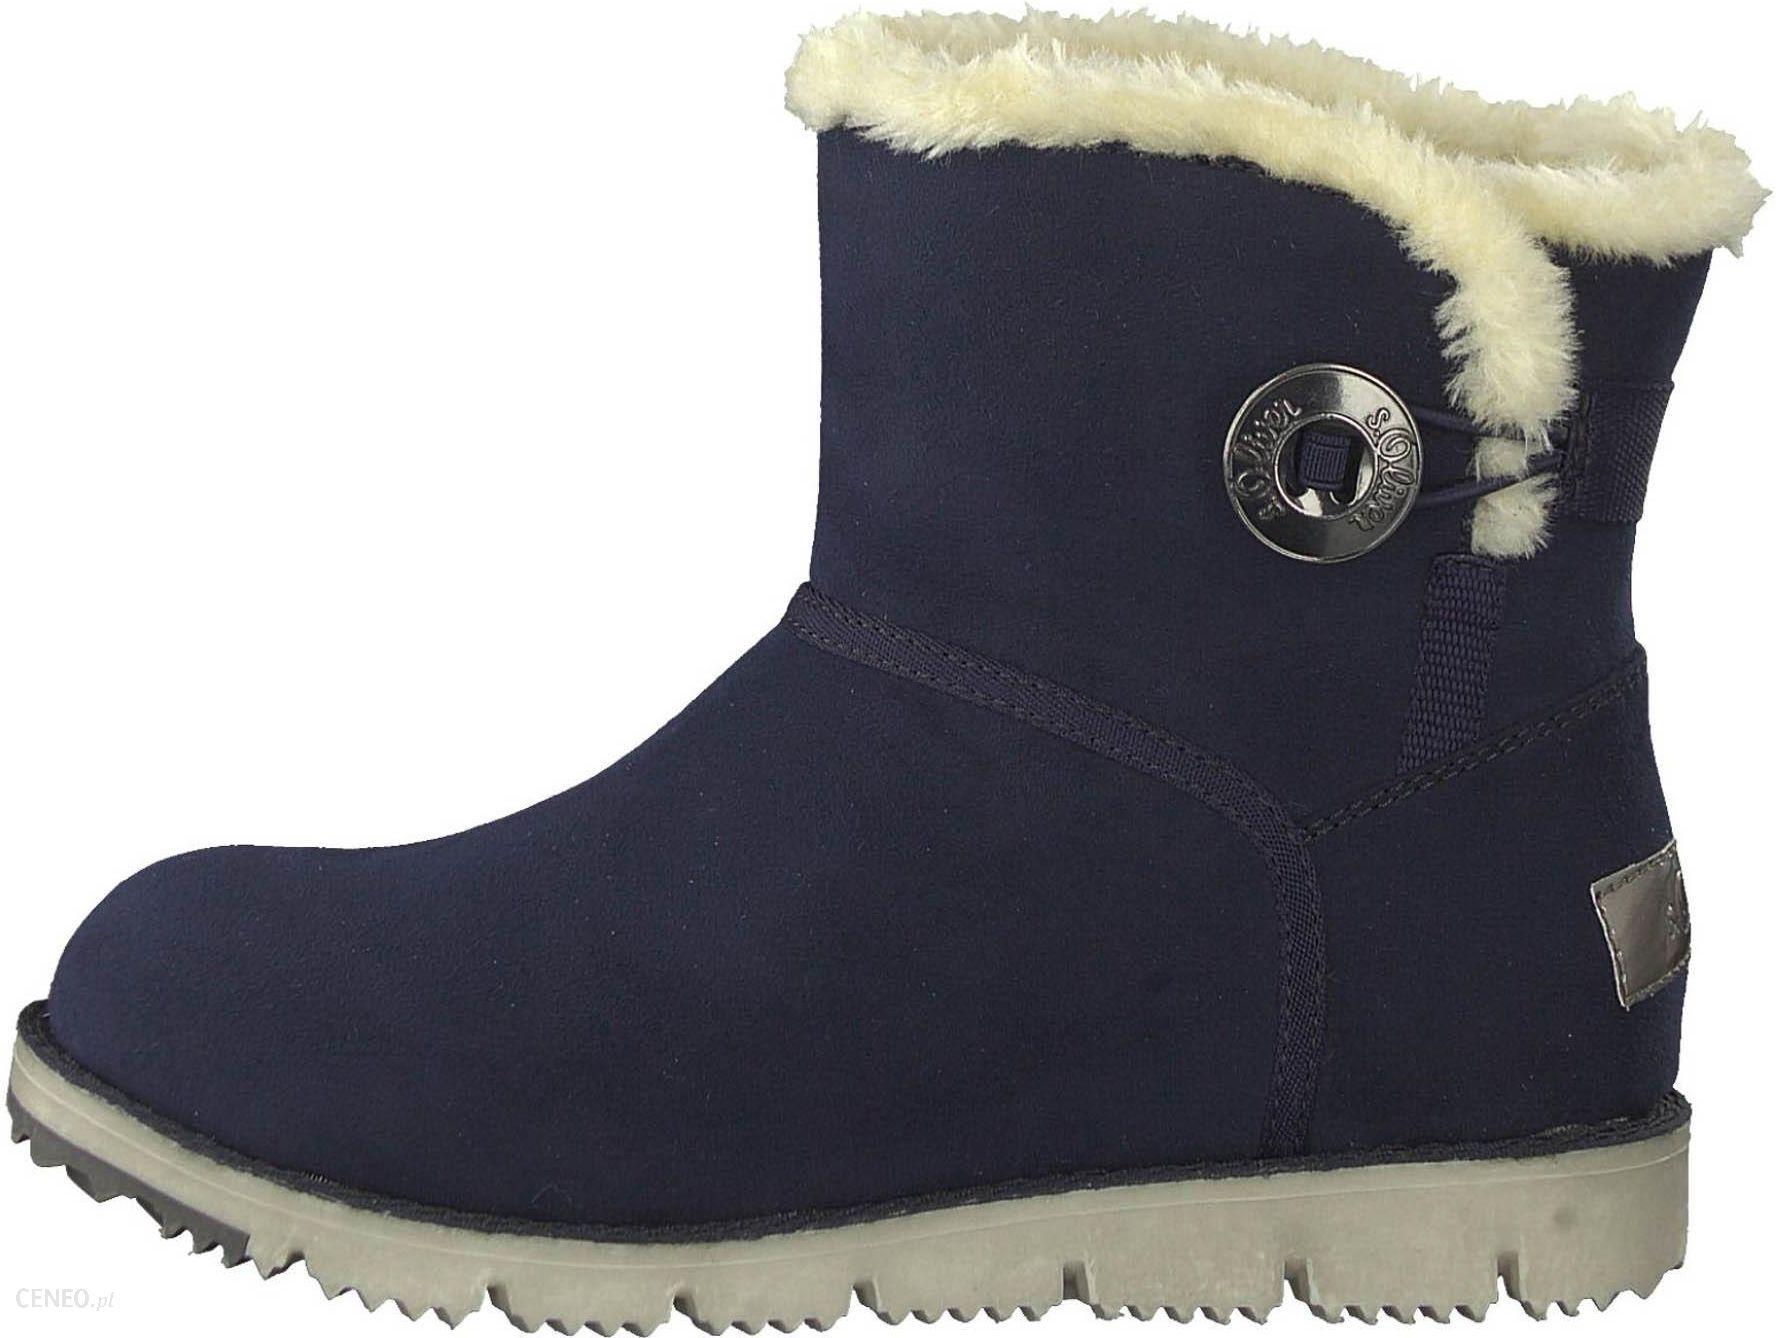 6726822a45c518 S.Oliver buty zimowe damskie 39 ciemnoniebieski - Ceny i opinie ...